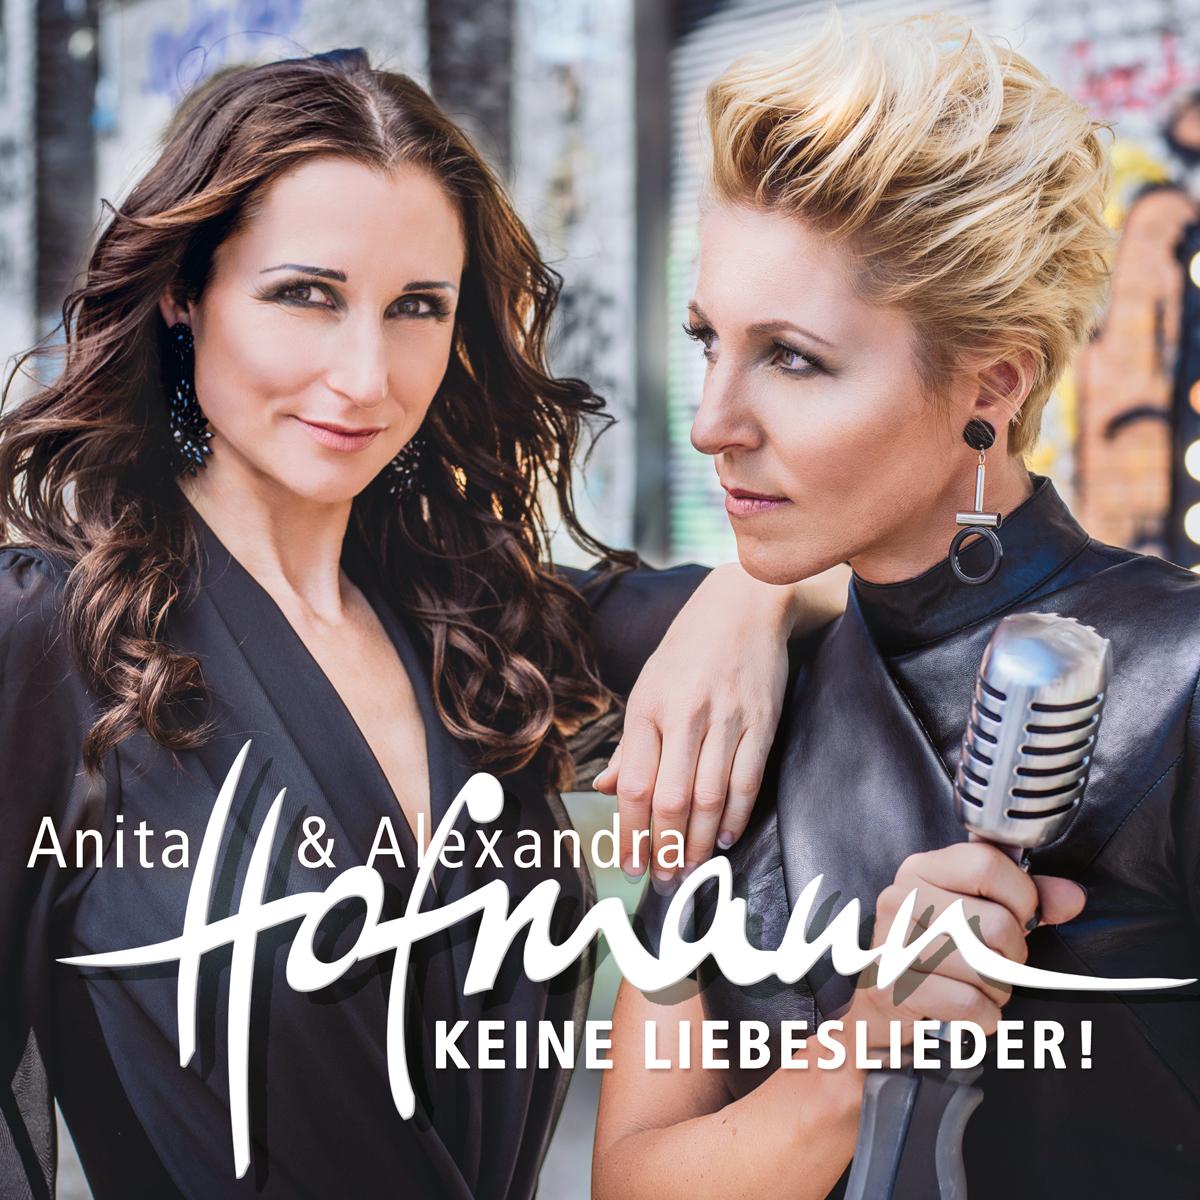 ANITA & ALEXANDRA HOFMANN - Keine Liebeslieder (DA)